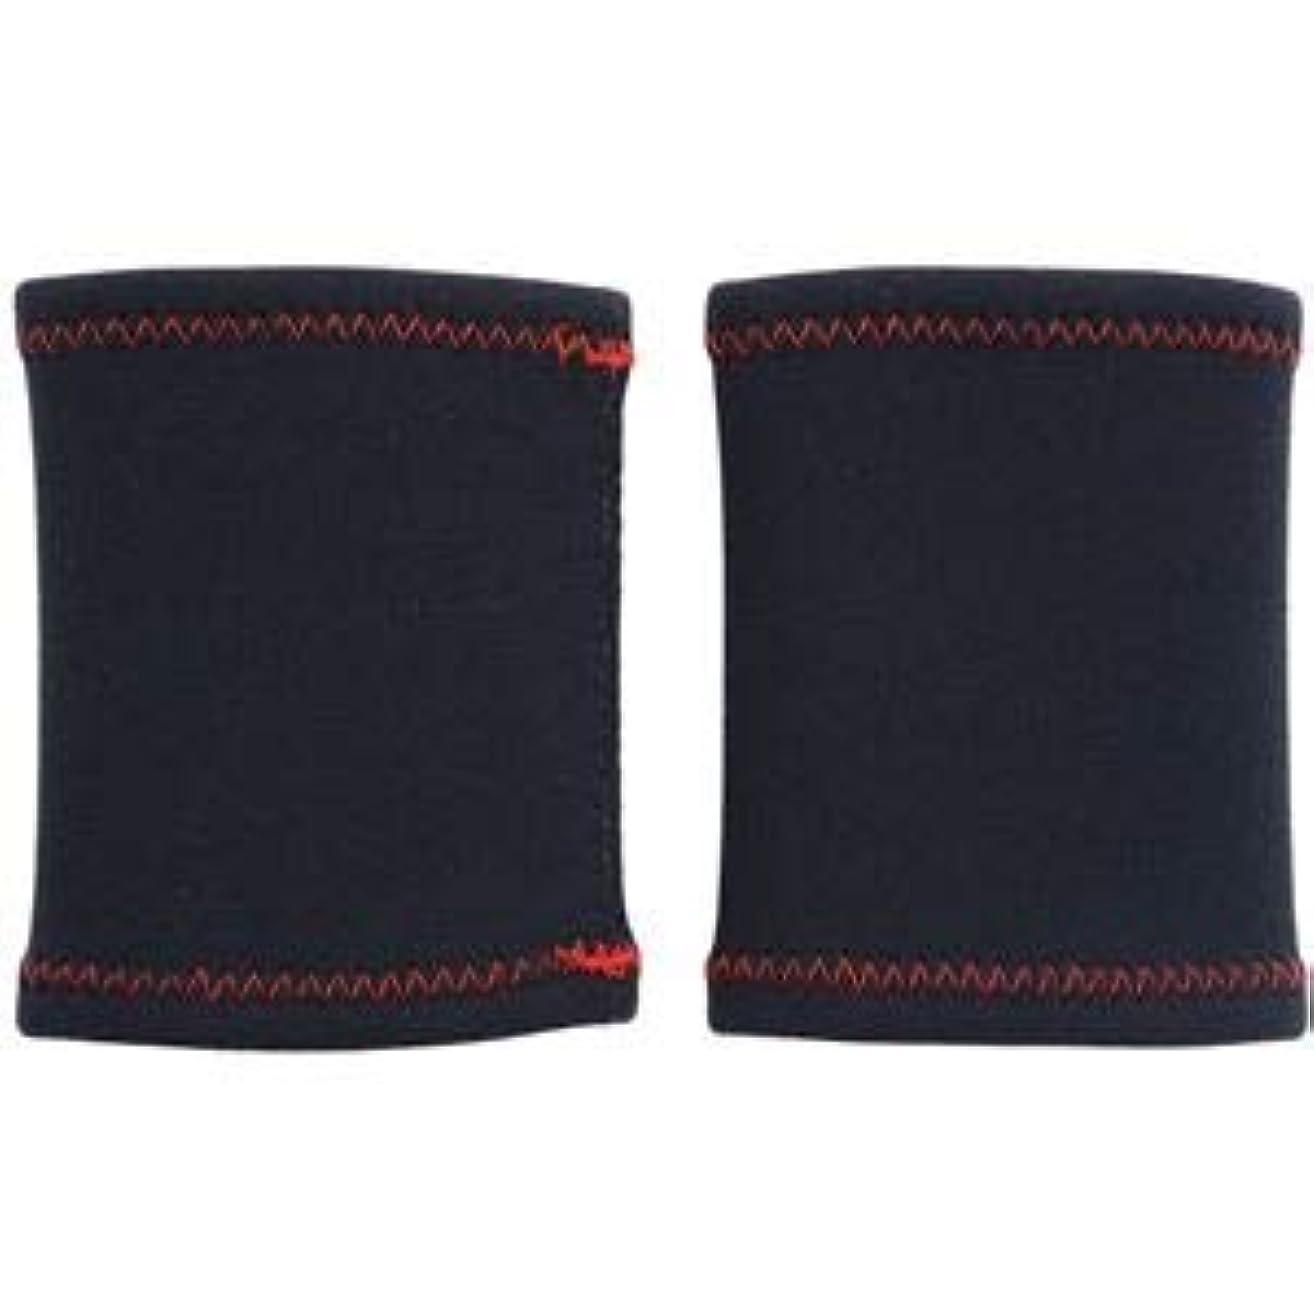 反逆者今日ラッドヤードキップリングHEALTH POINT (ヘルスポイント)極暖ランニングリストウォーマー(2枚組) ブラック Fサイズ 1810RZ